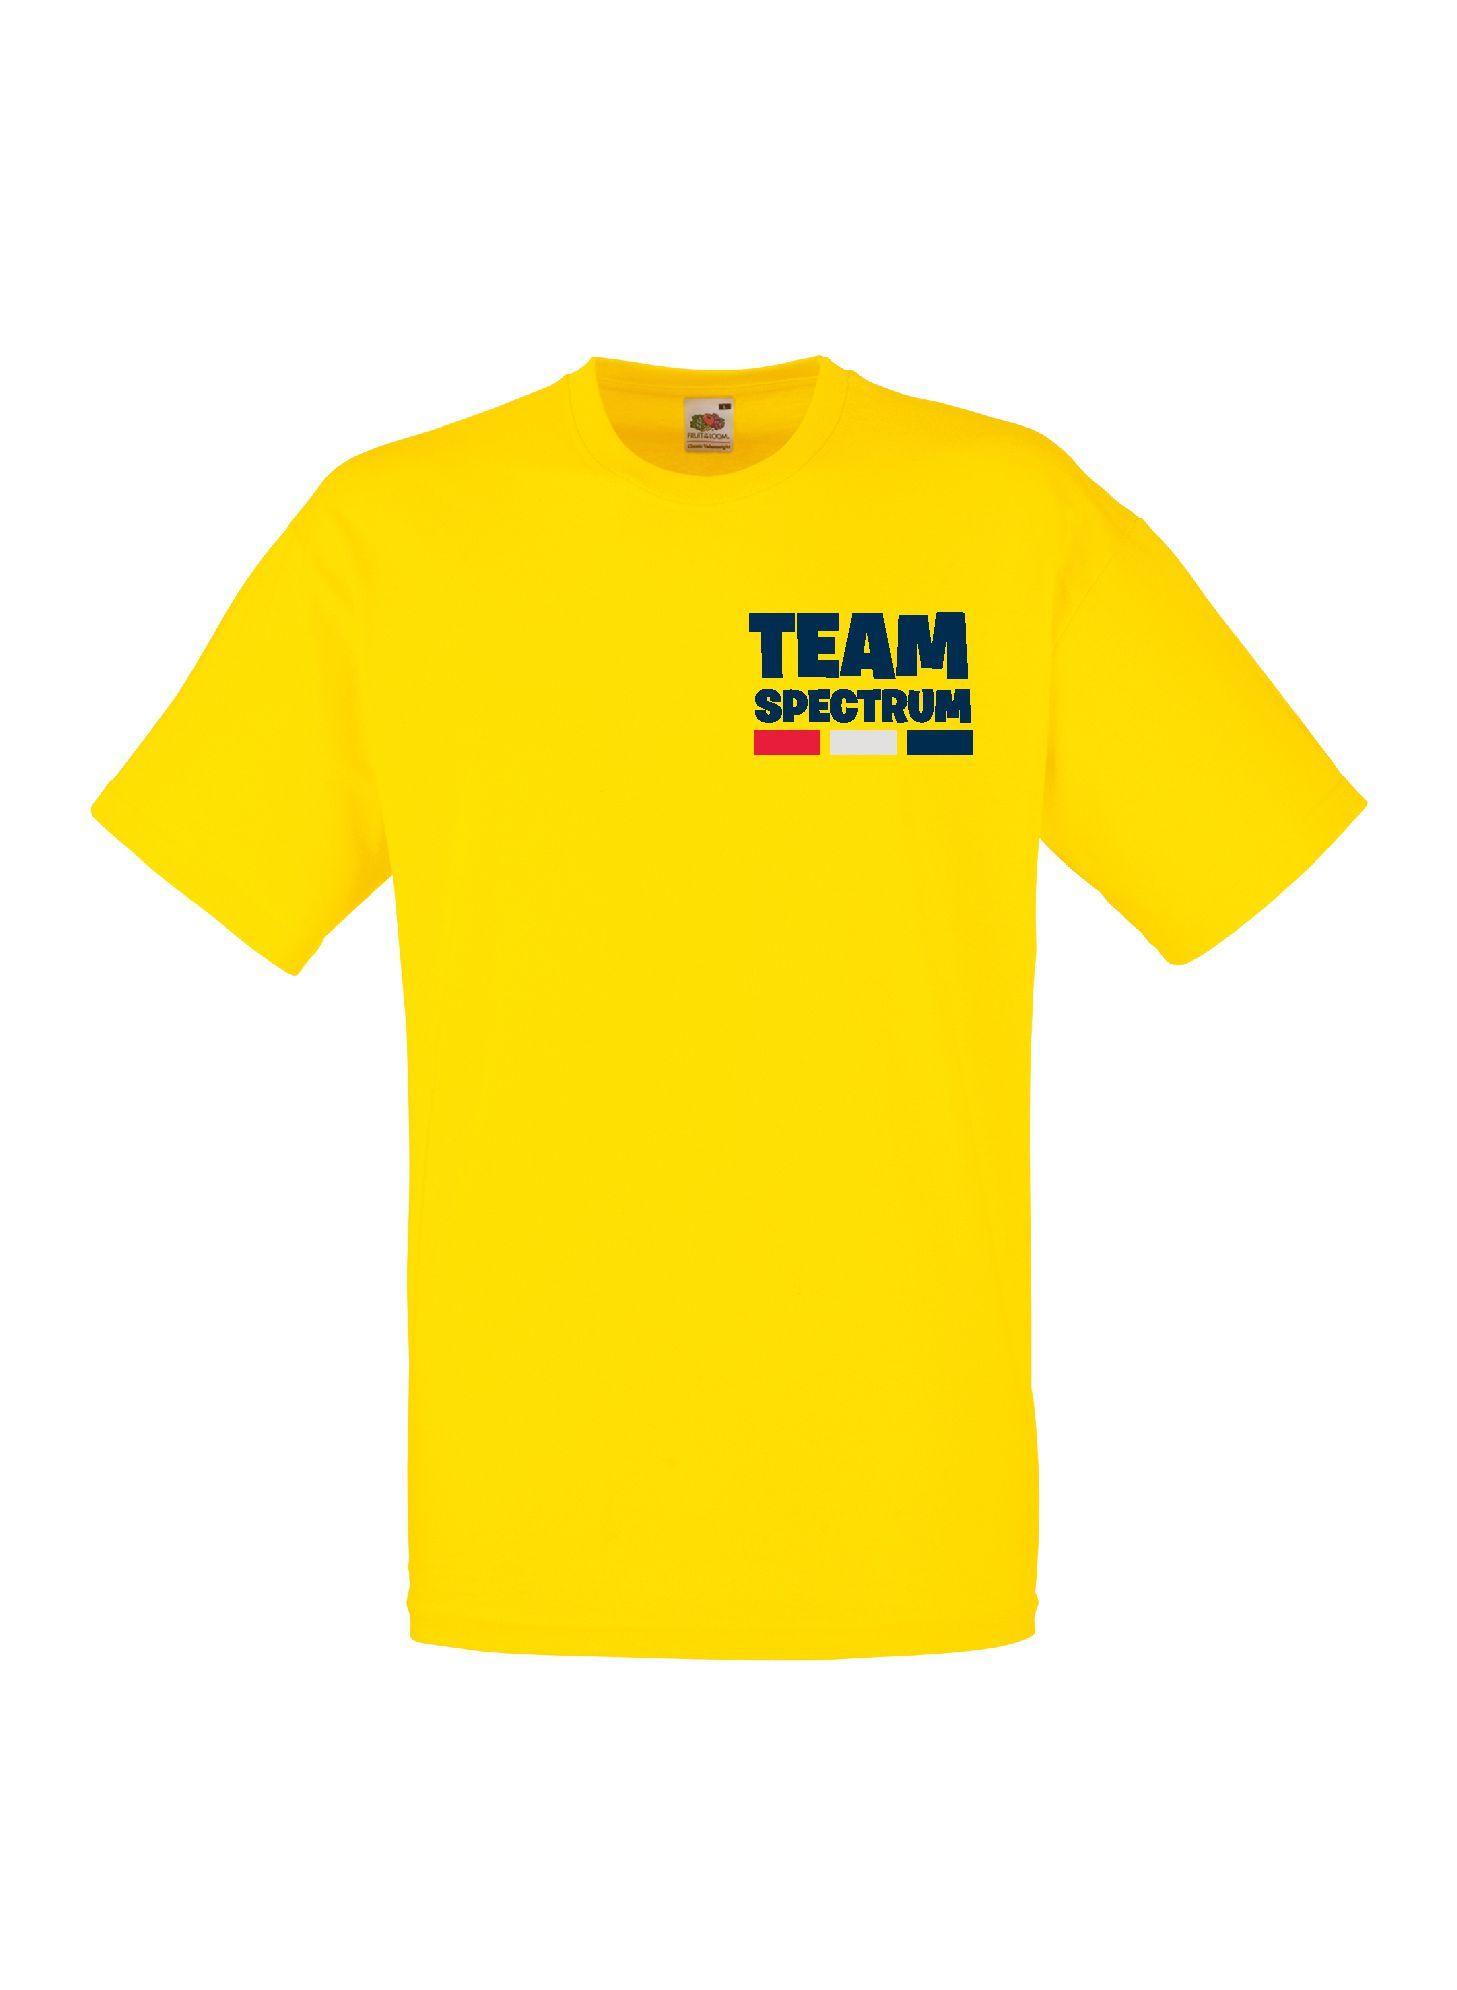 Team Spectrum - Tee (Unisex)